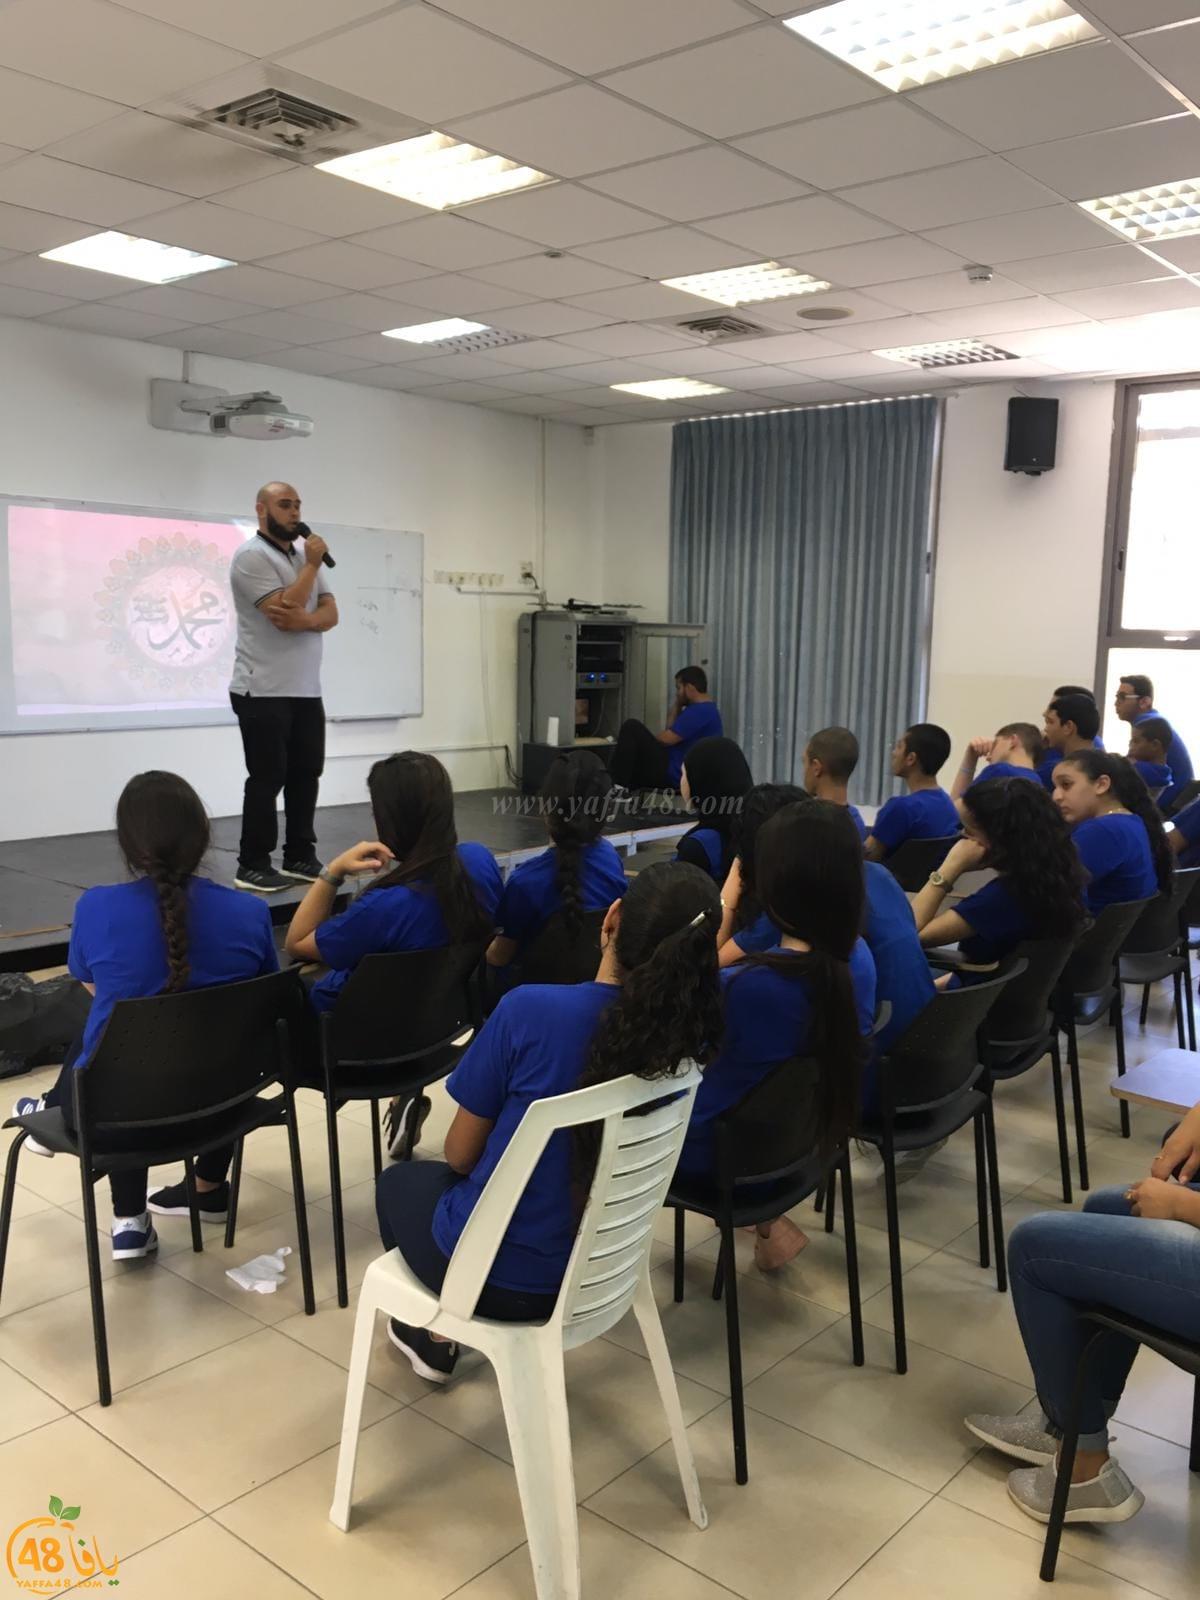 مدرسة أجيال الثانوية تحيي ذكرى الهجرة النبوية ورأس السنة الهجرية